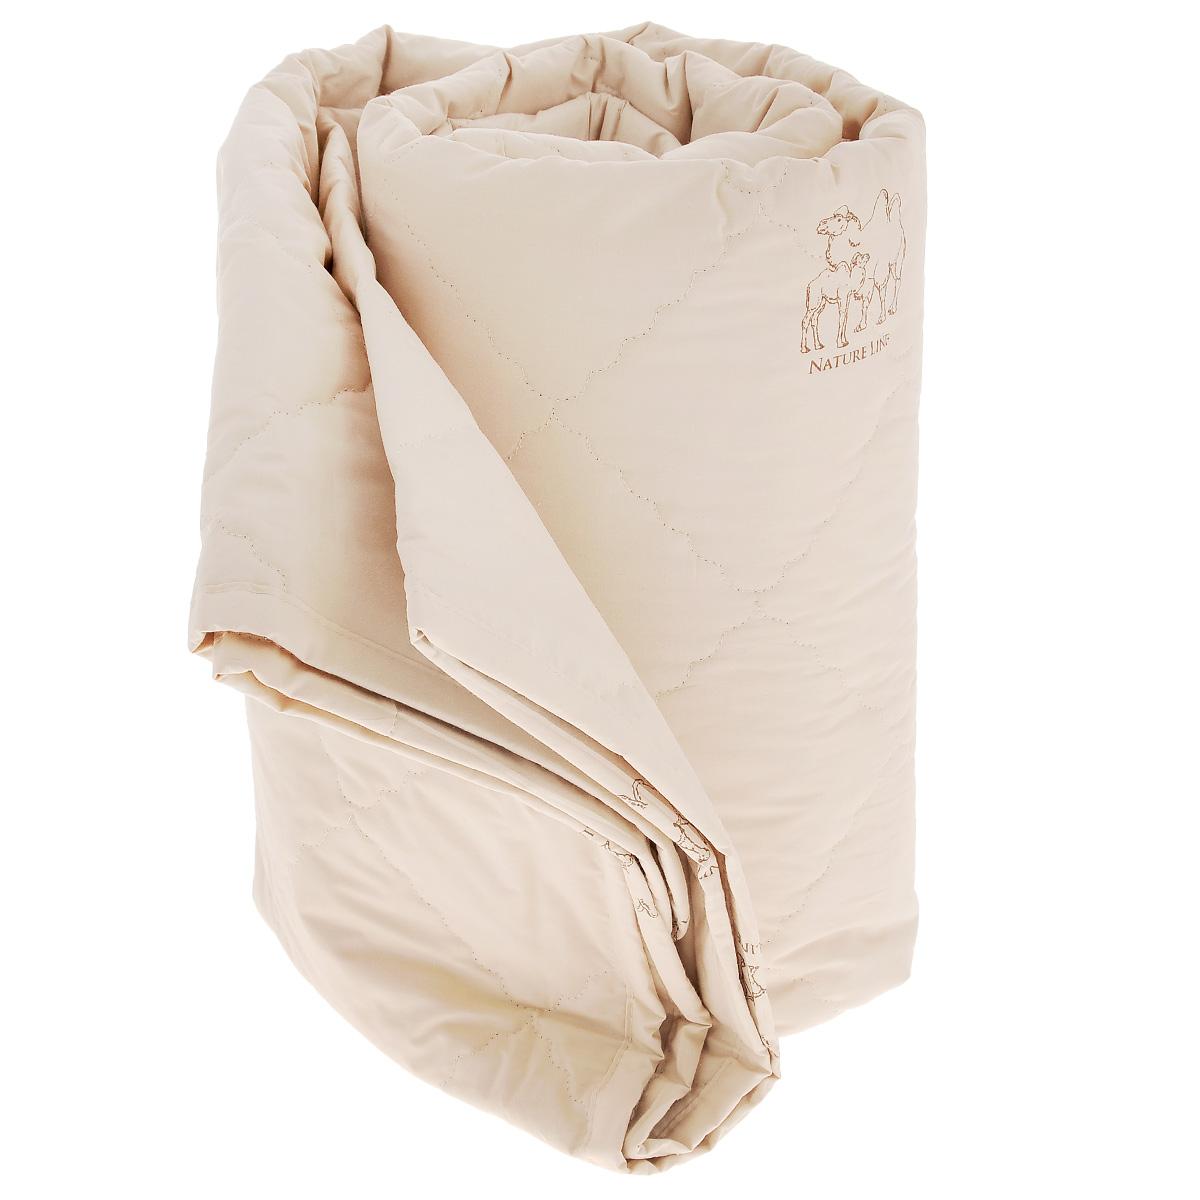 """Одеяло La Prima """"Верблюжья шерсть"""", наполнитель: верблюжья шерсть, полиэфирное волокно, цвет: темно-бежевый, 200 см х 220 см 1082/0224886"""